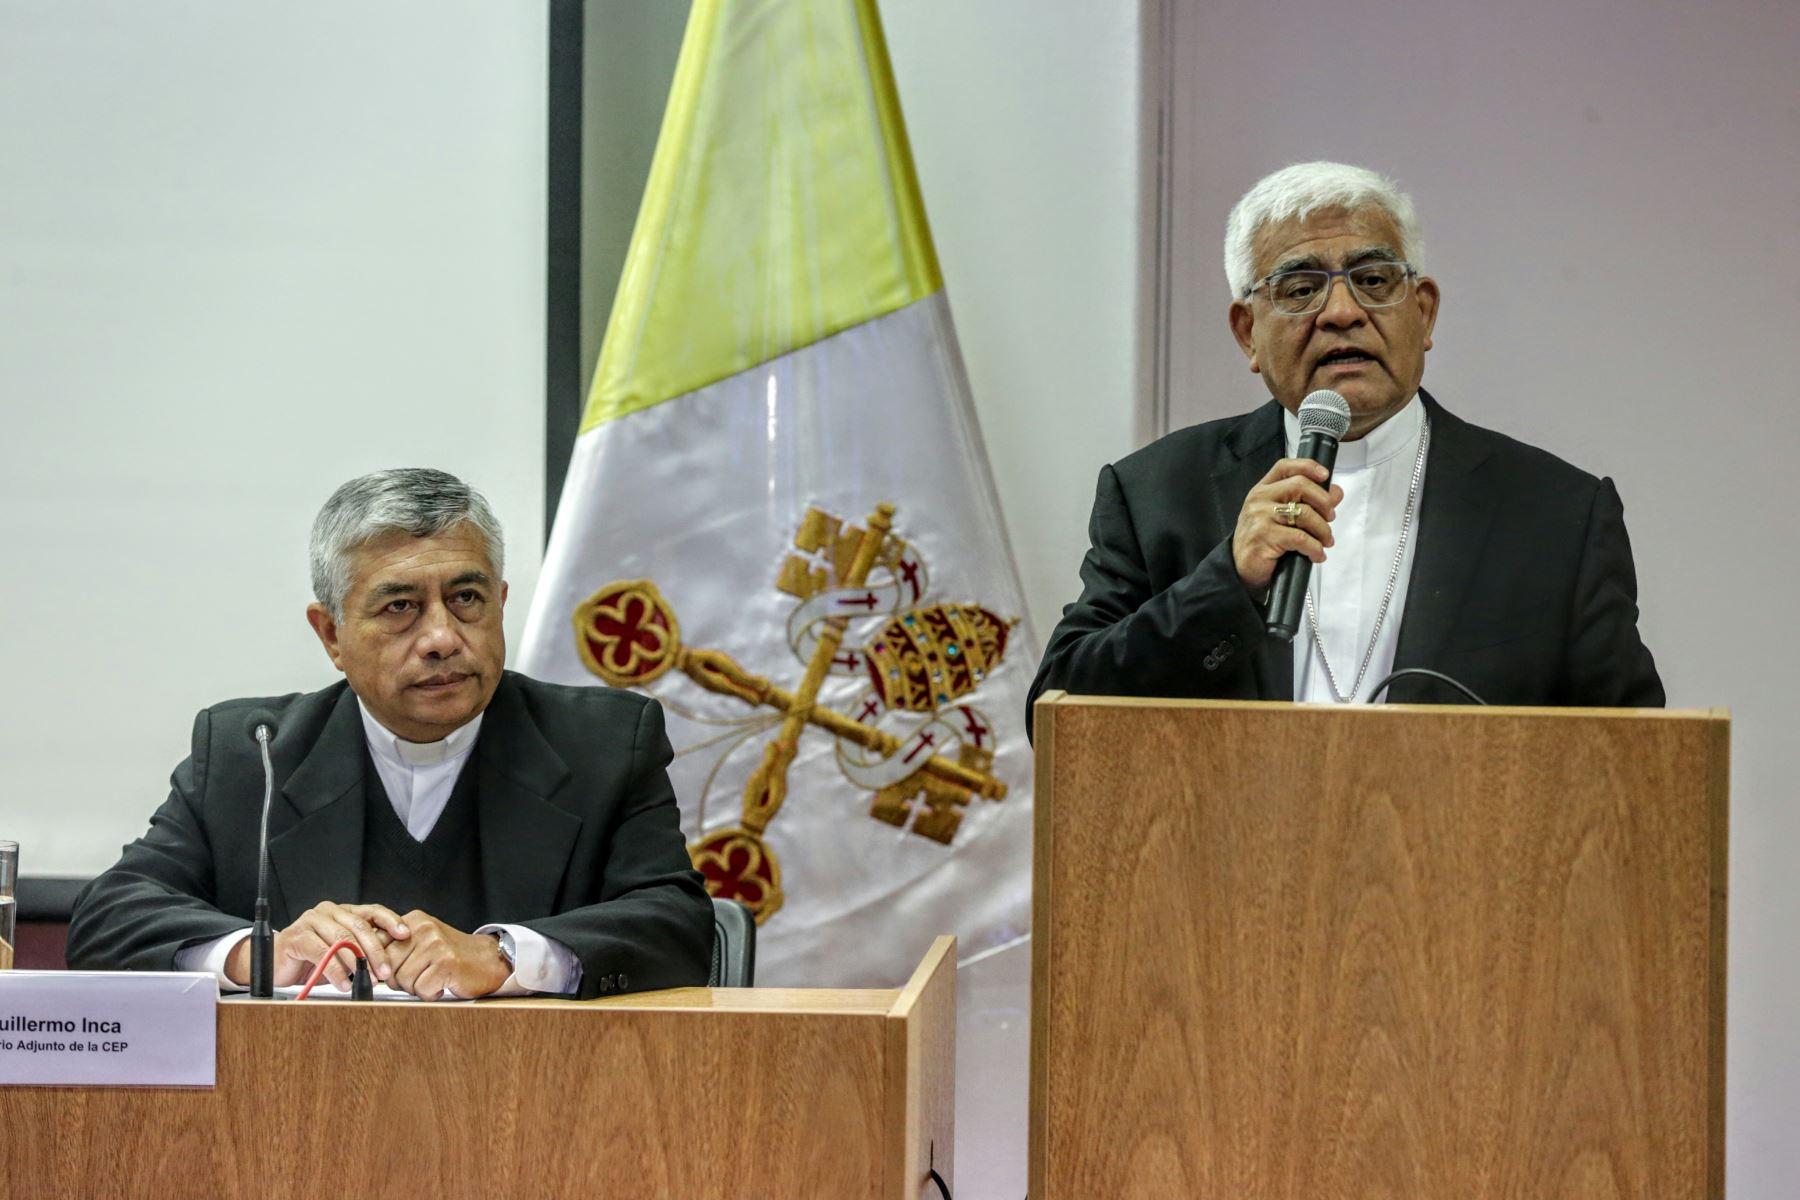 Foto: ANDINA/Luis Iparraguirre